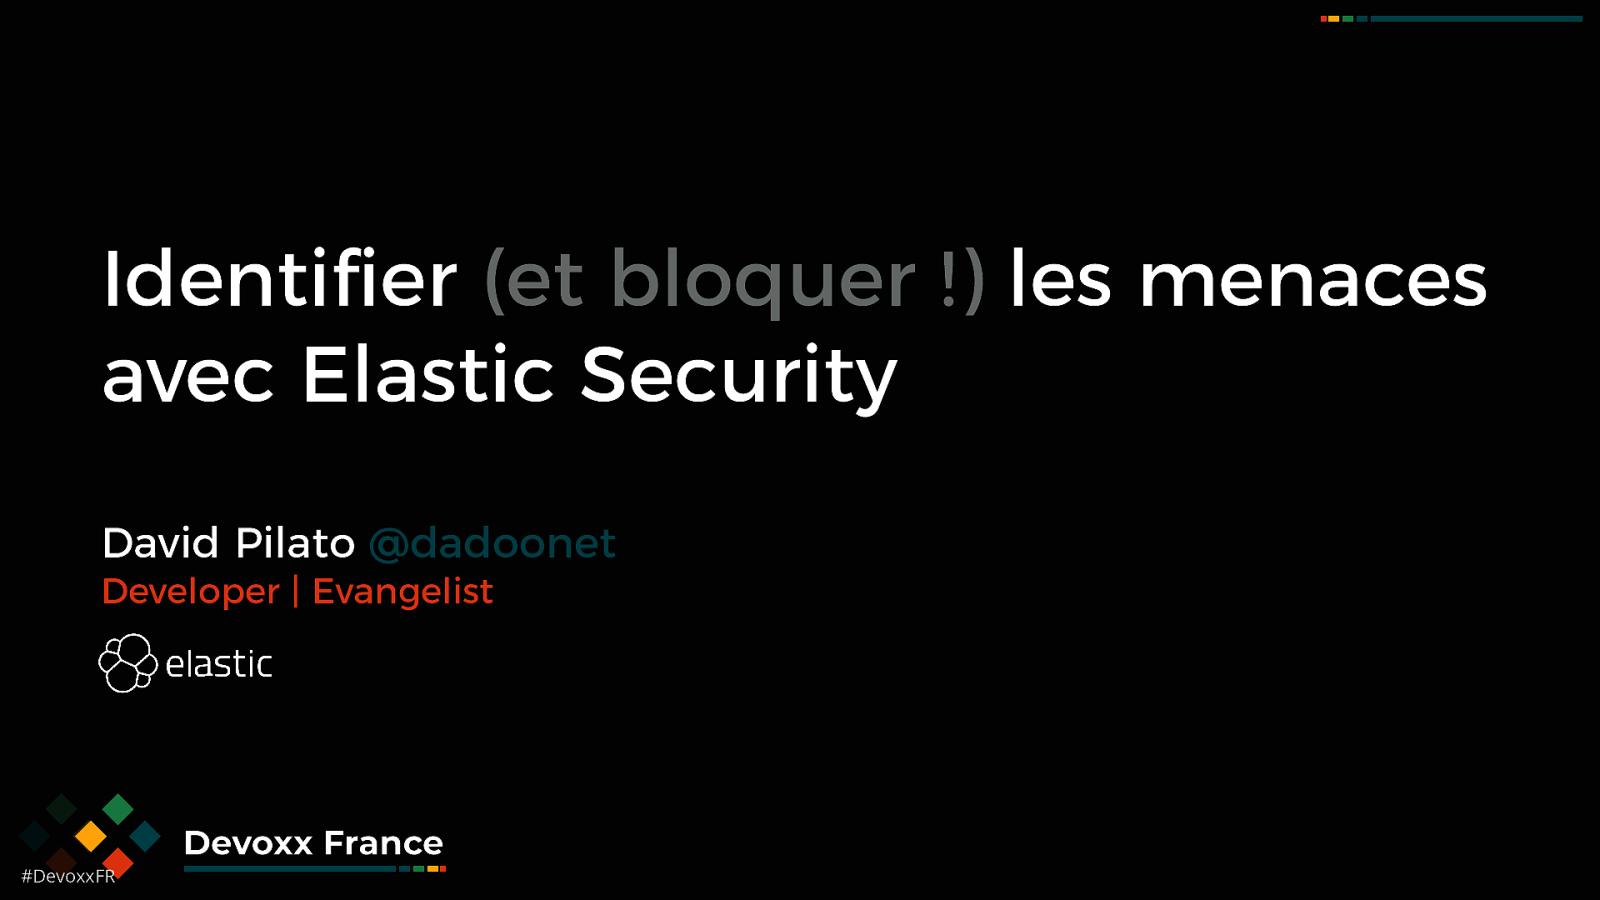 Identifier (et bloquer !) les menaces avec Elastic Security